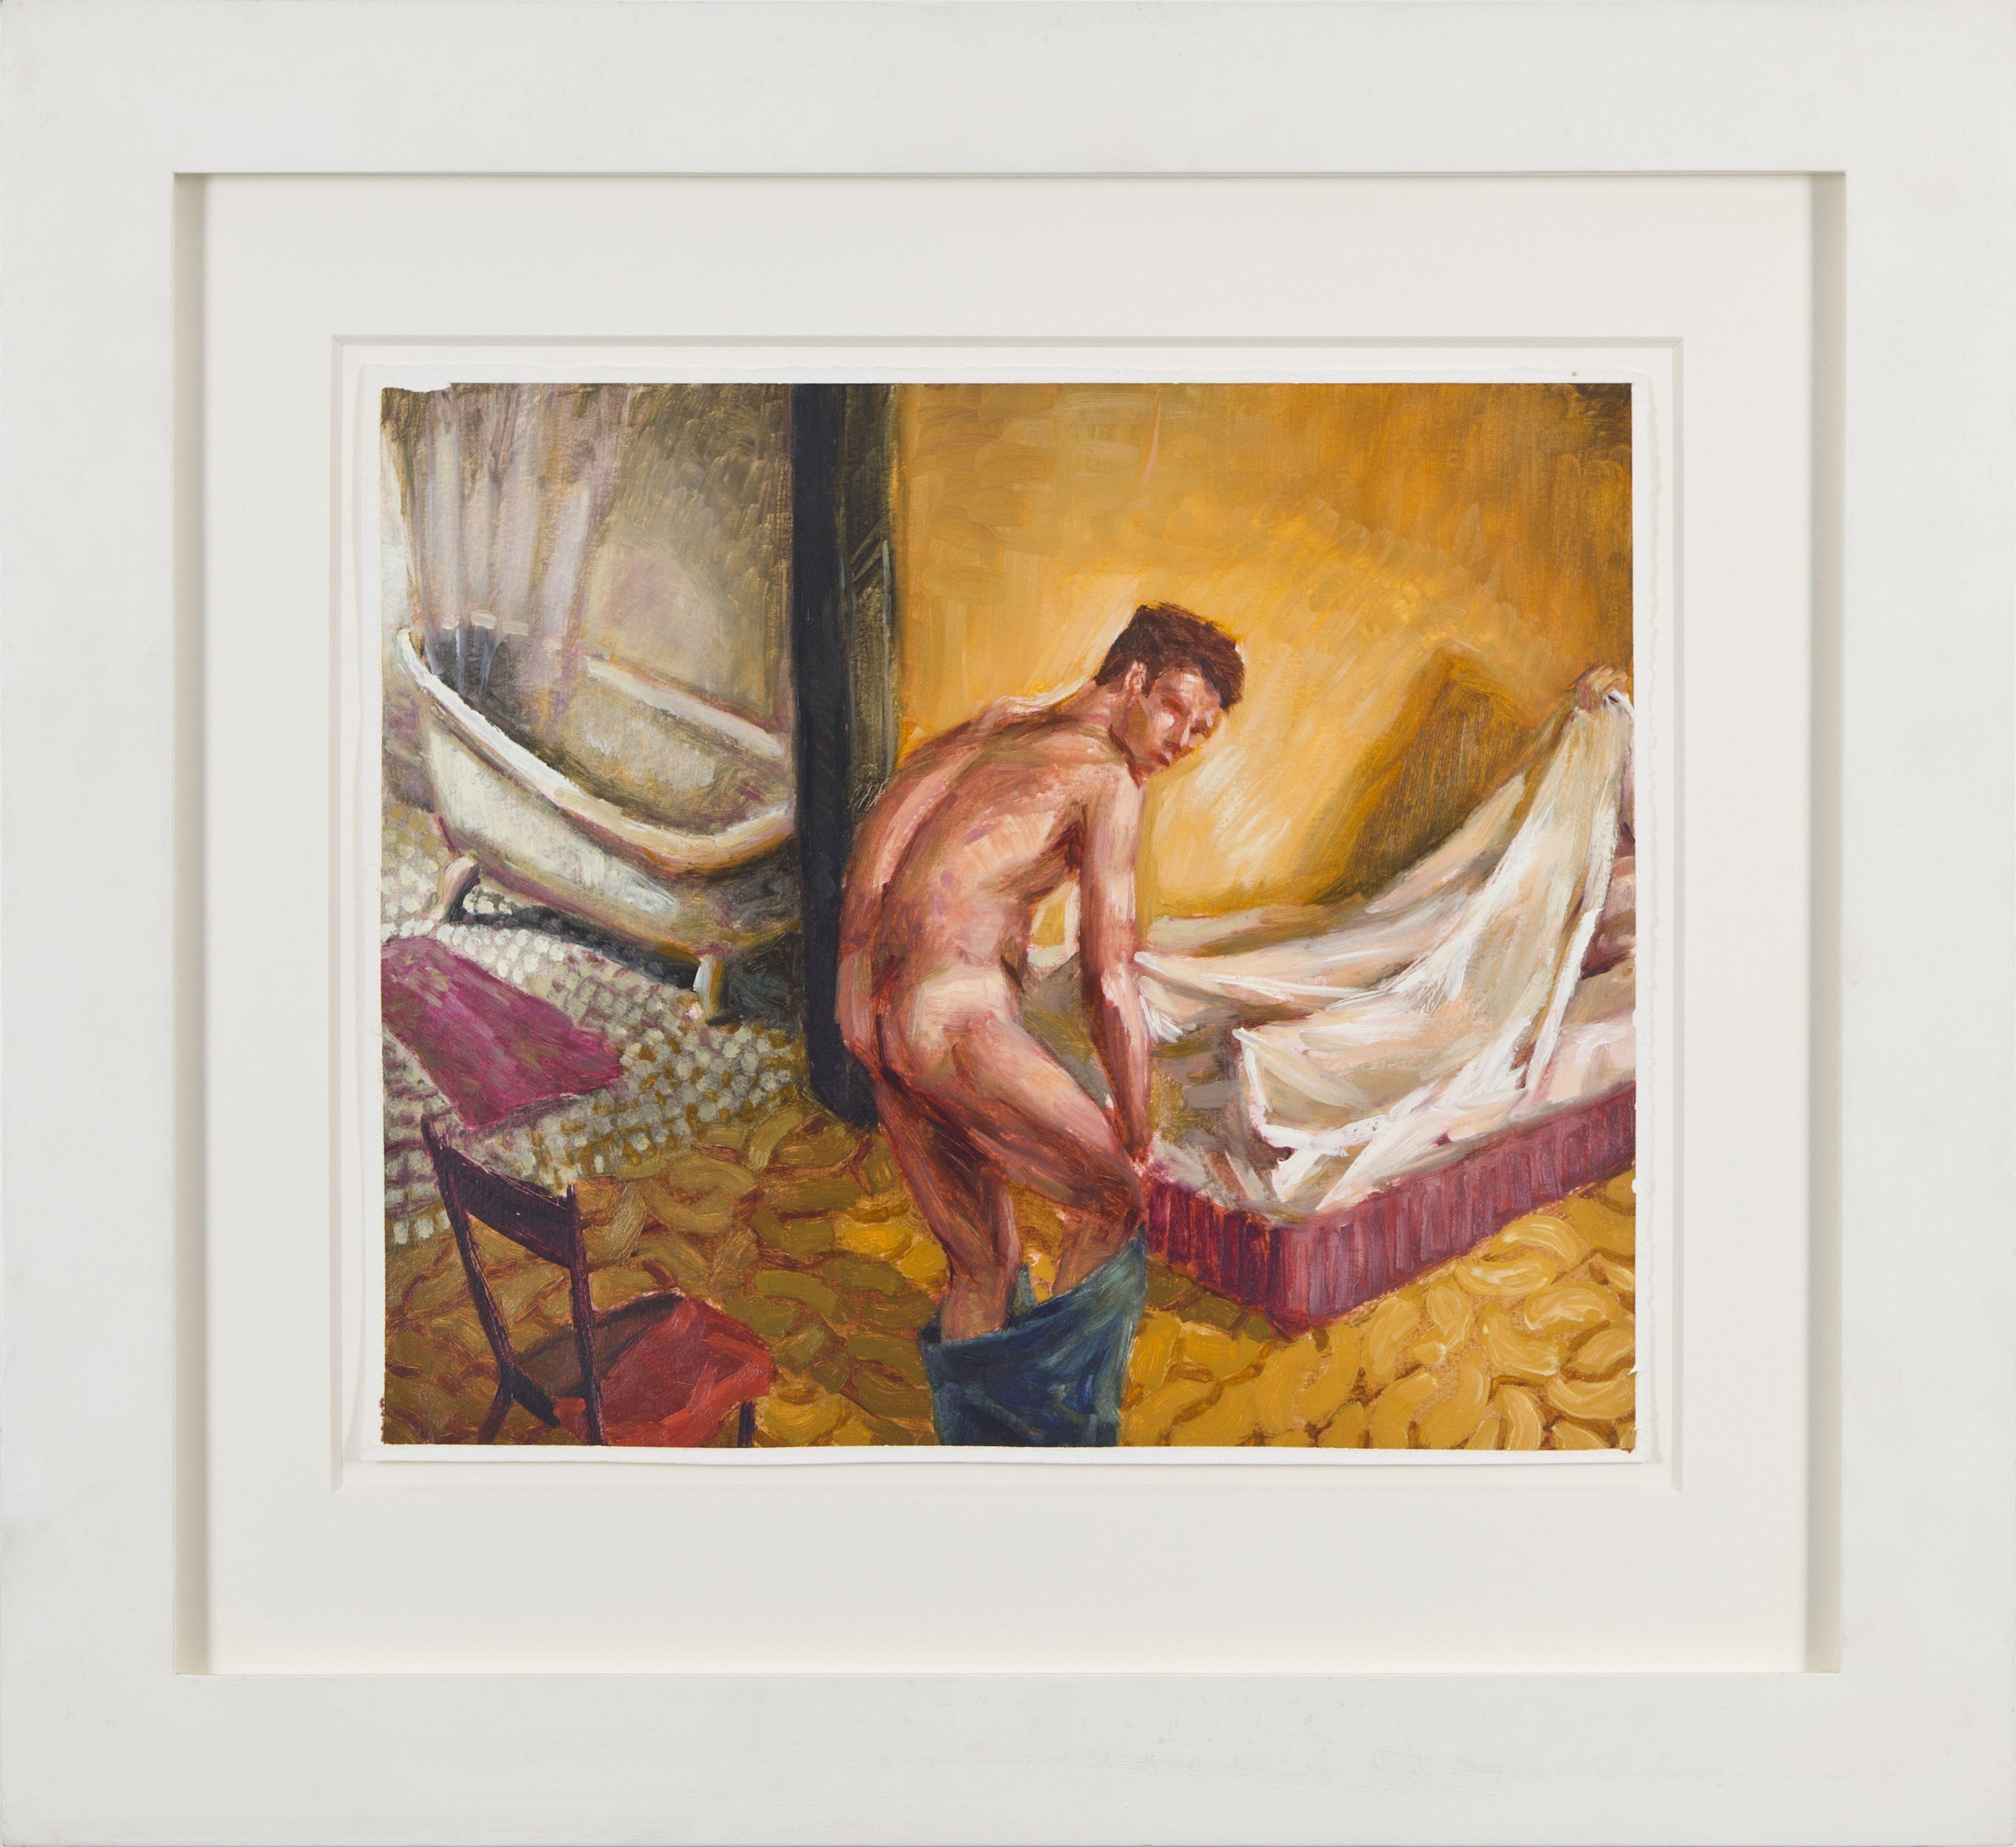 Hugh Steers, Bedtime, 1990